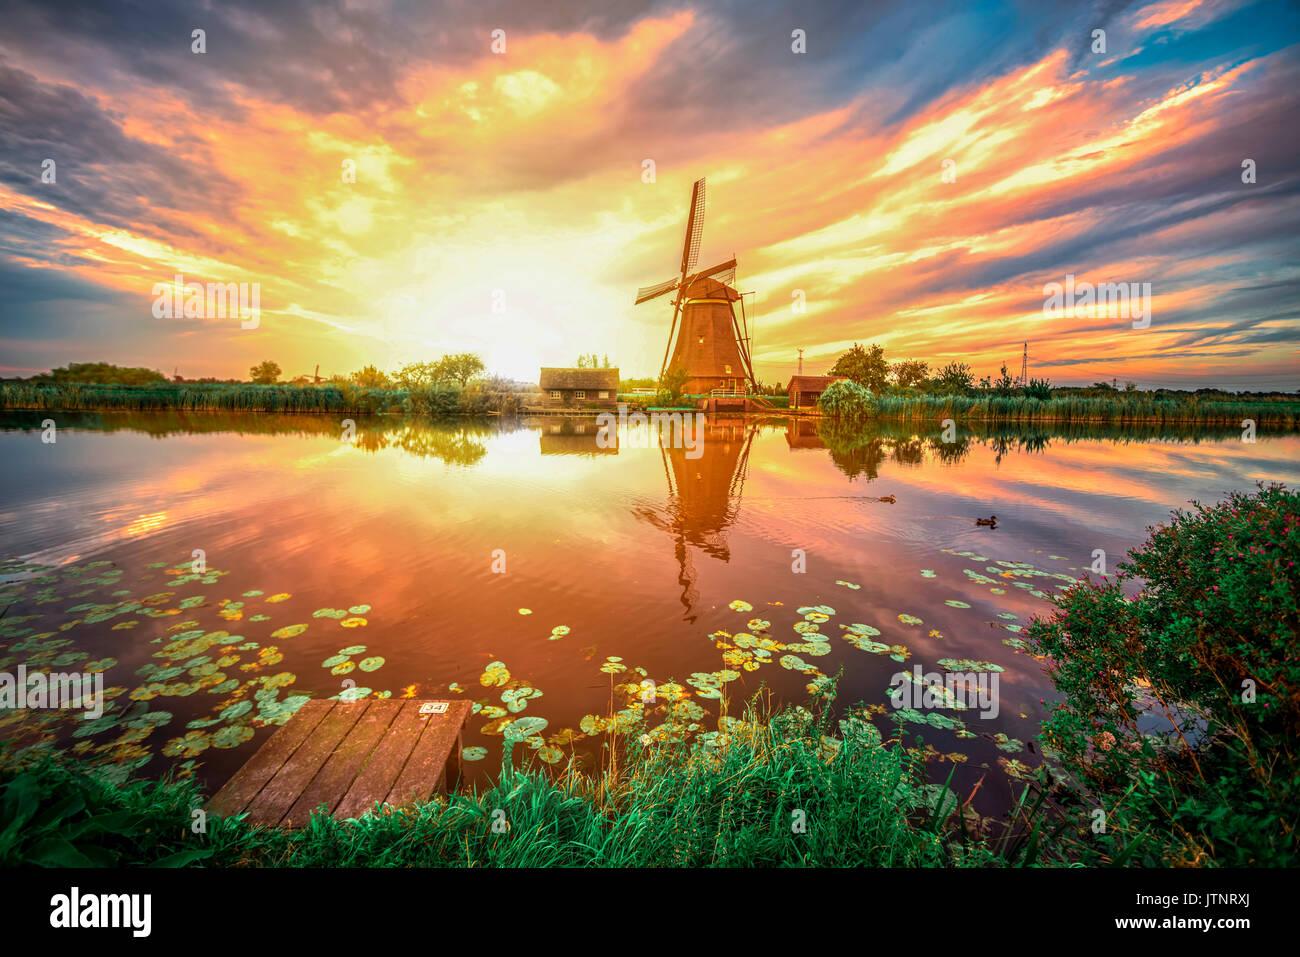 Alba sul kinderdijk windmill costruito nel 17 secolo, il patrimonio mondiale UNESCO monumenti in Alblasserdam, a sud-ovest di Rotterdam, Paesi Bassi Immagini Stock